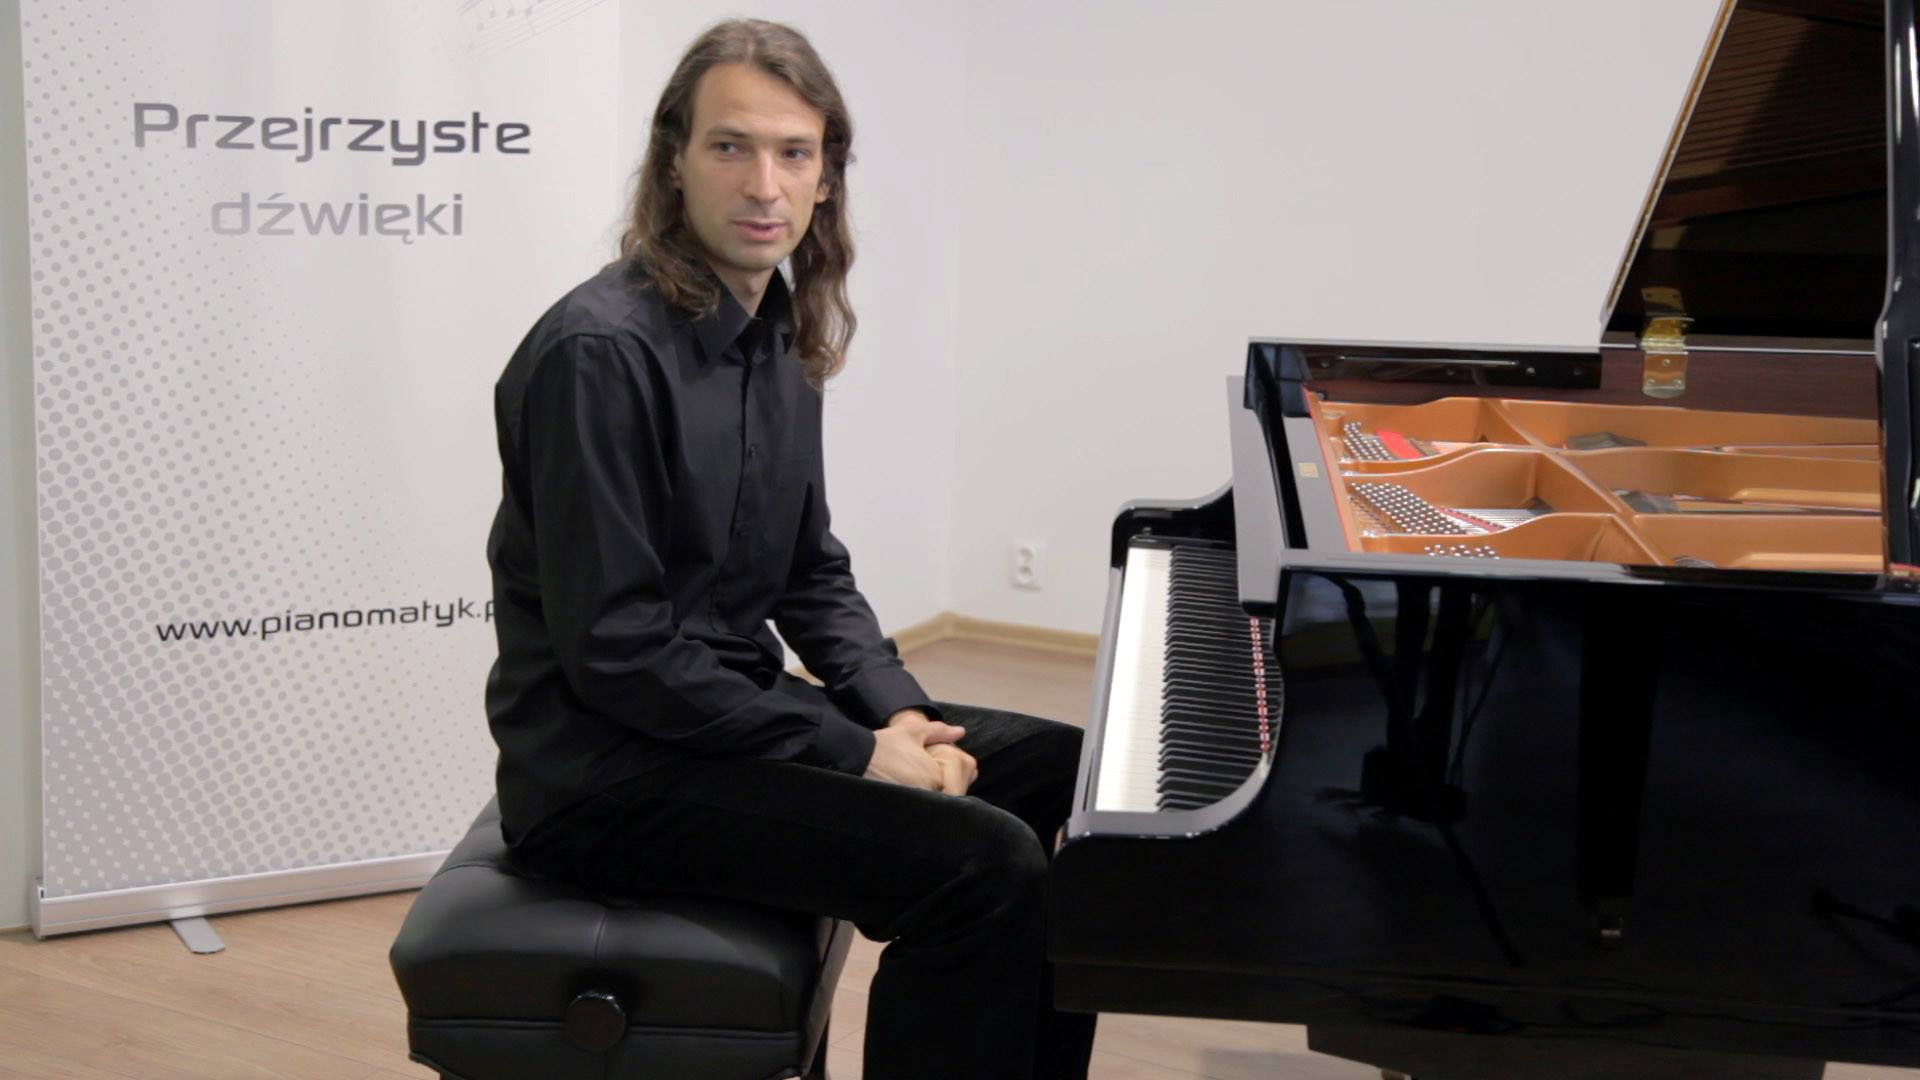 Pianomatyk – muzyka z pogranicza jazzu i muzyki filmowej